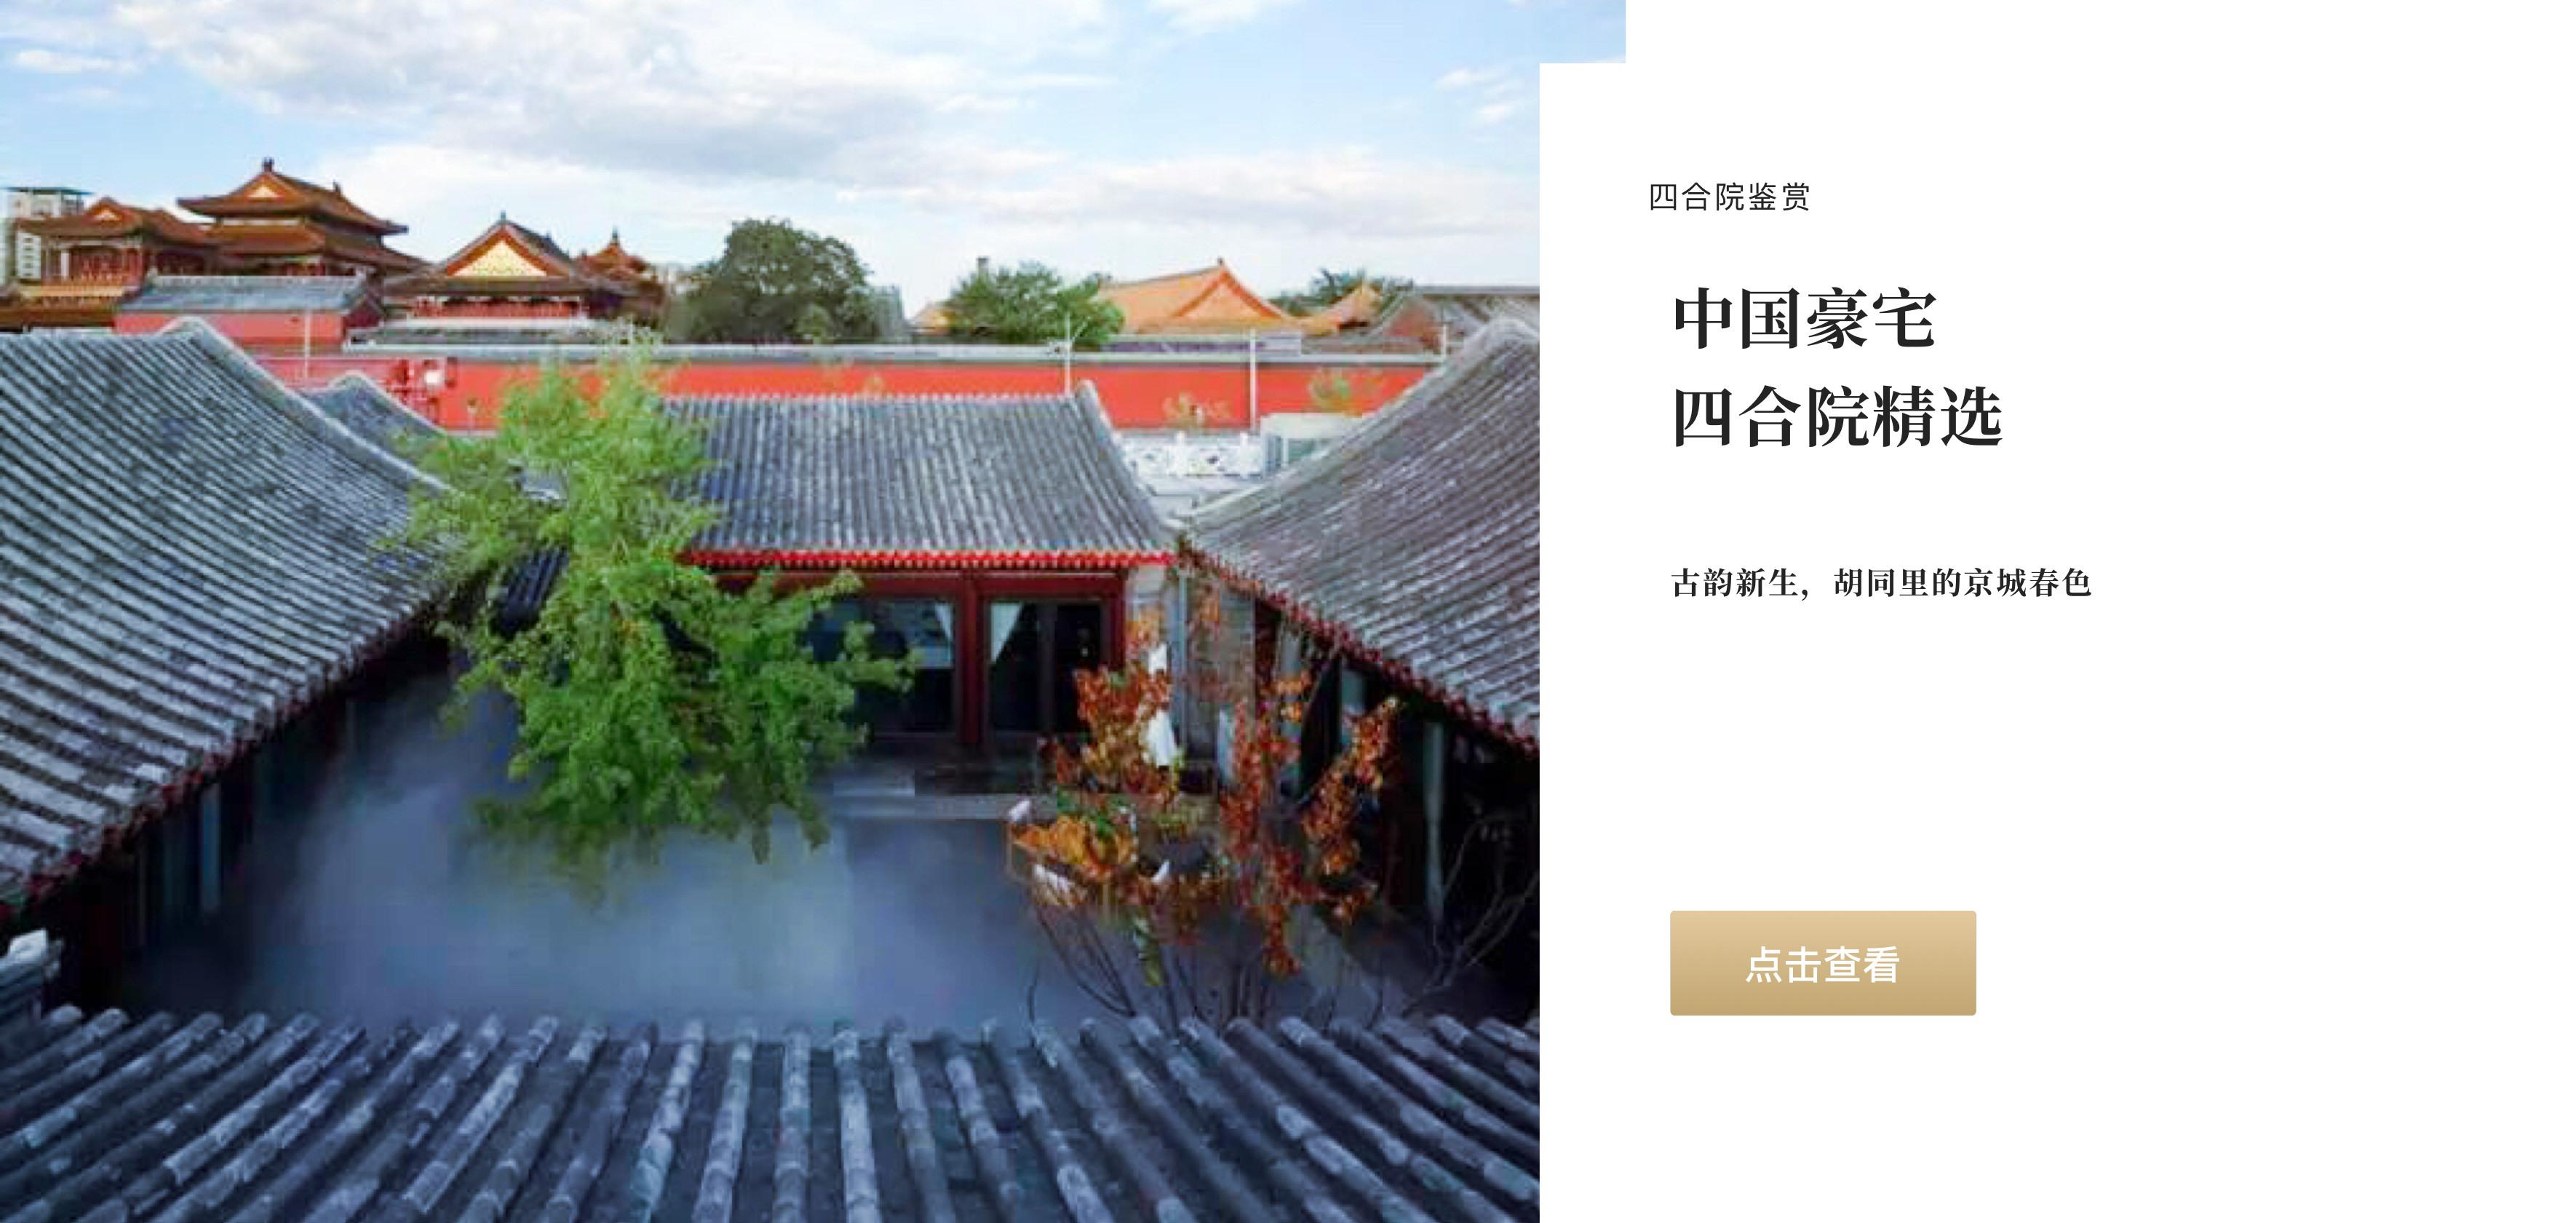 丽兹行豪宅主题推荐古韵新生,北京四合院精选